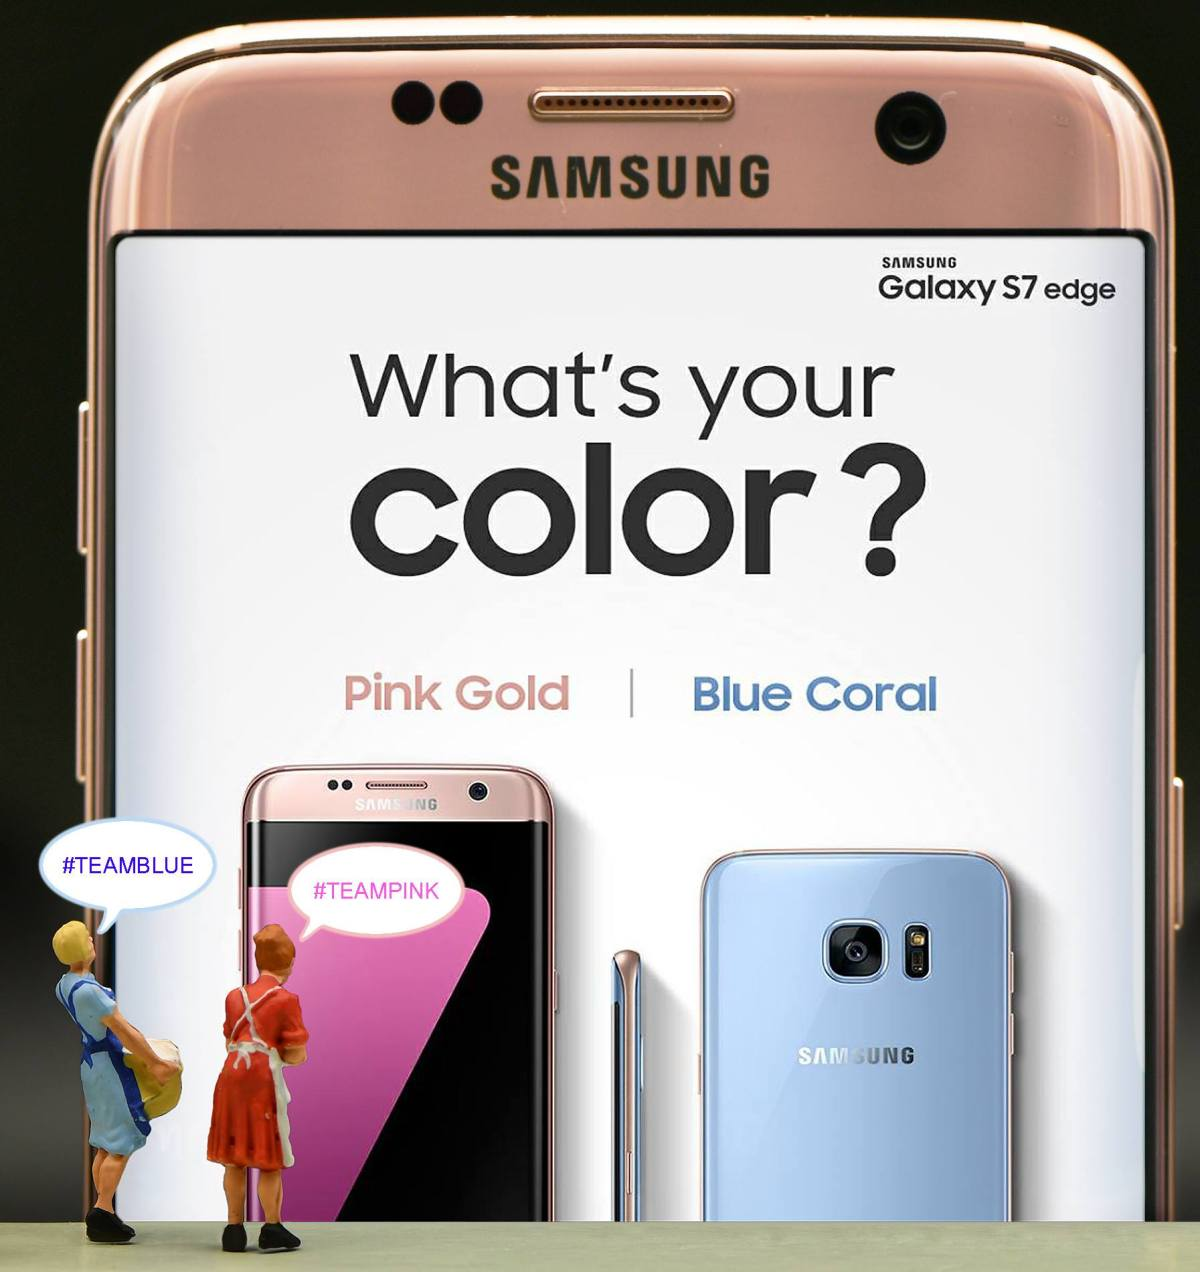 """เล่นเรื่องเล็กให้เป็นเรื่องใหญ่ผ่านภาพถ่ายสไตล์ """"Miniature People Photography"""" กับคนตัวจิ๋ว x Samsung Galaxy S7 edge 27 - photography"""